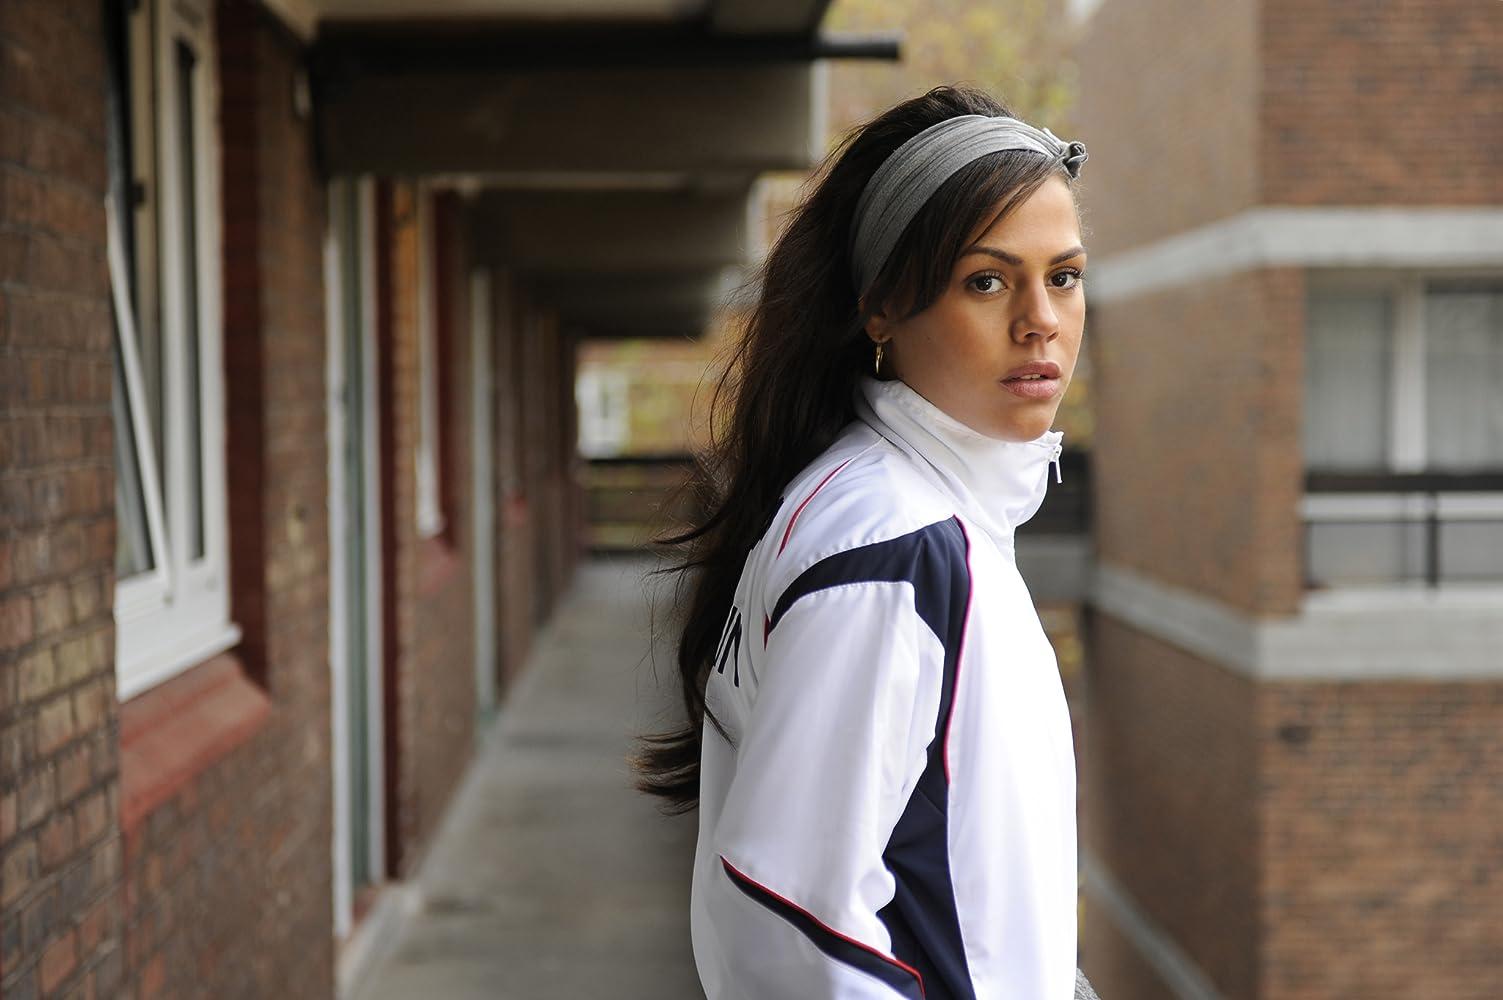 Lenora Crichlow in Fast Girls (2012)